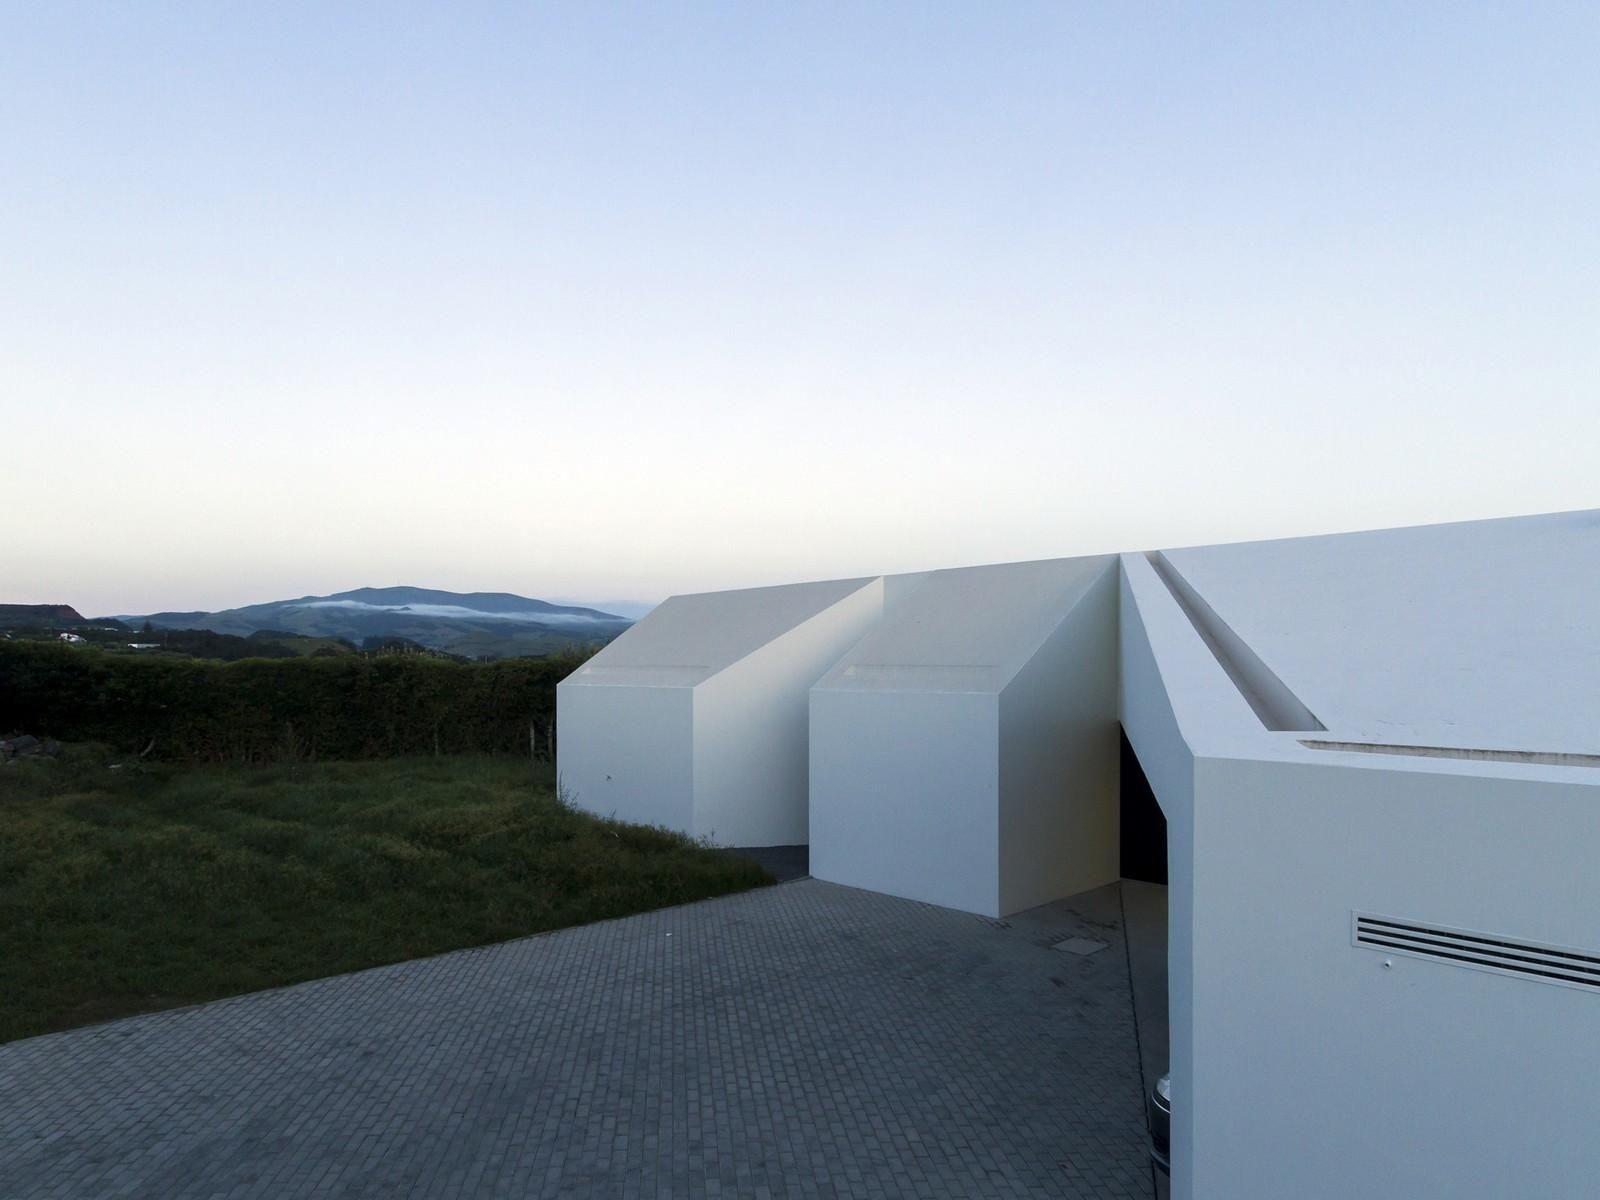 ROSTO DO CÃO HOUSE by m-arquitectos [Monteiro, Resendes and Sousa Arquitectos, Lda] as Architects